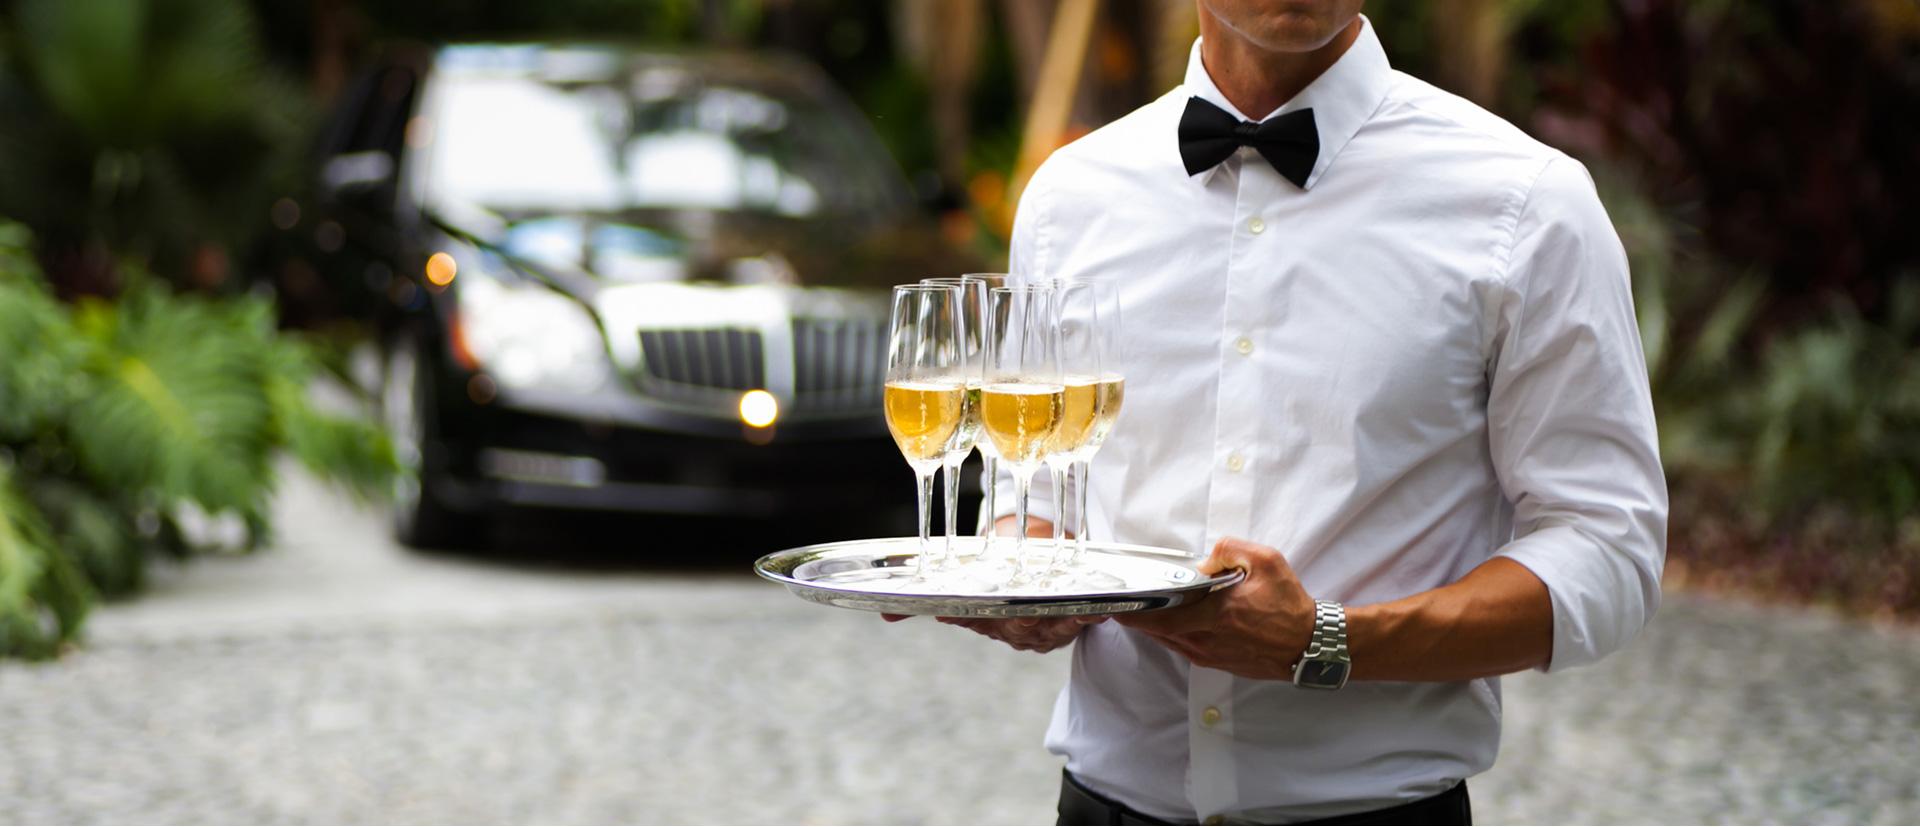 Nutzen Sie unseren Premium Service in Ihrem Chaleturlaub in Österreich